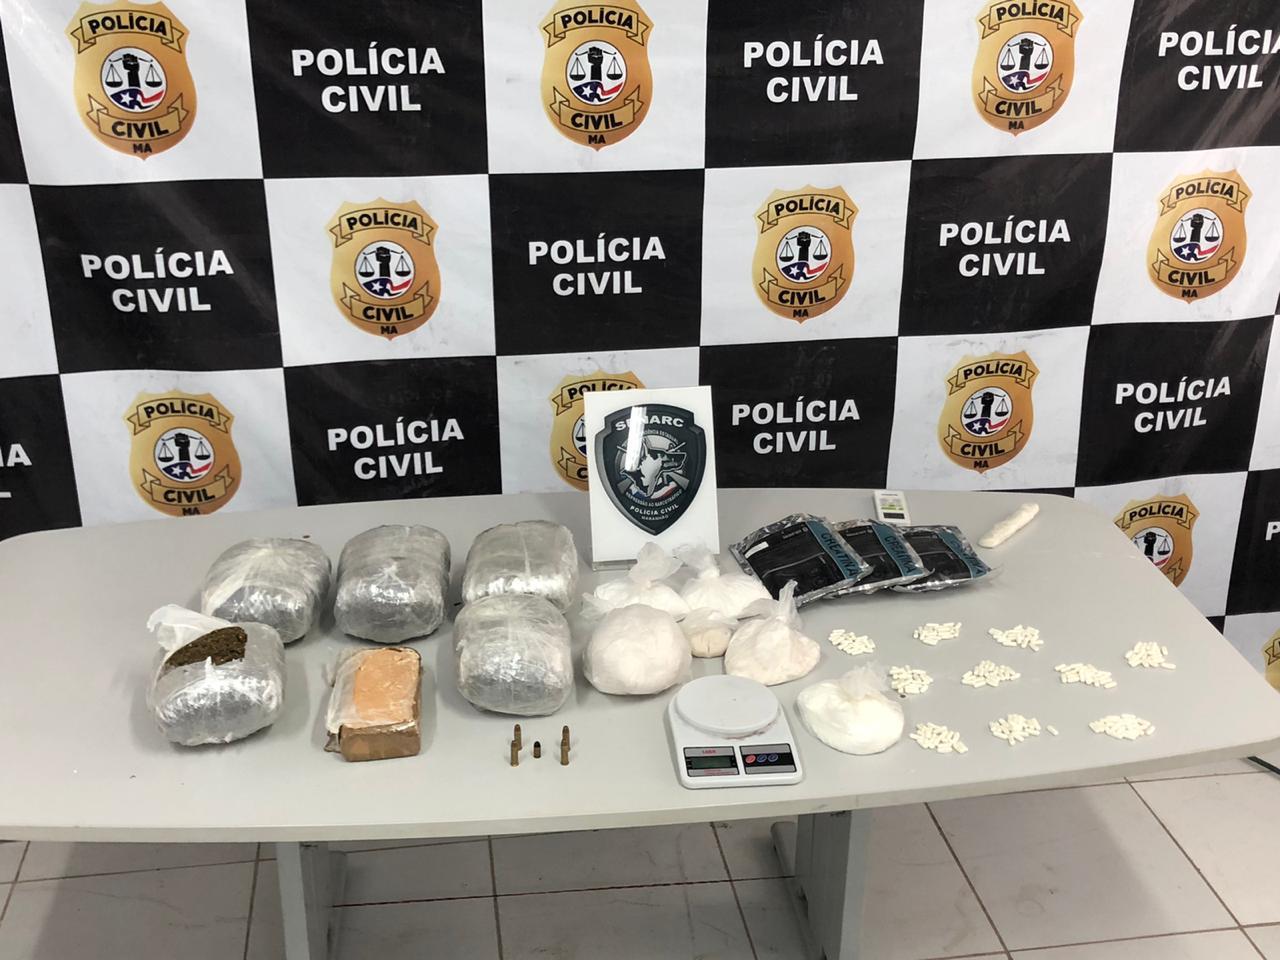 POLÍCIA CIVIL DEBELA CASA QUE FUNCIONAVA COMO DEPÓSITO E LOCAL DE MANIPULAÇÃO DE DROGAS